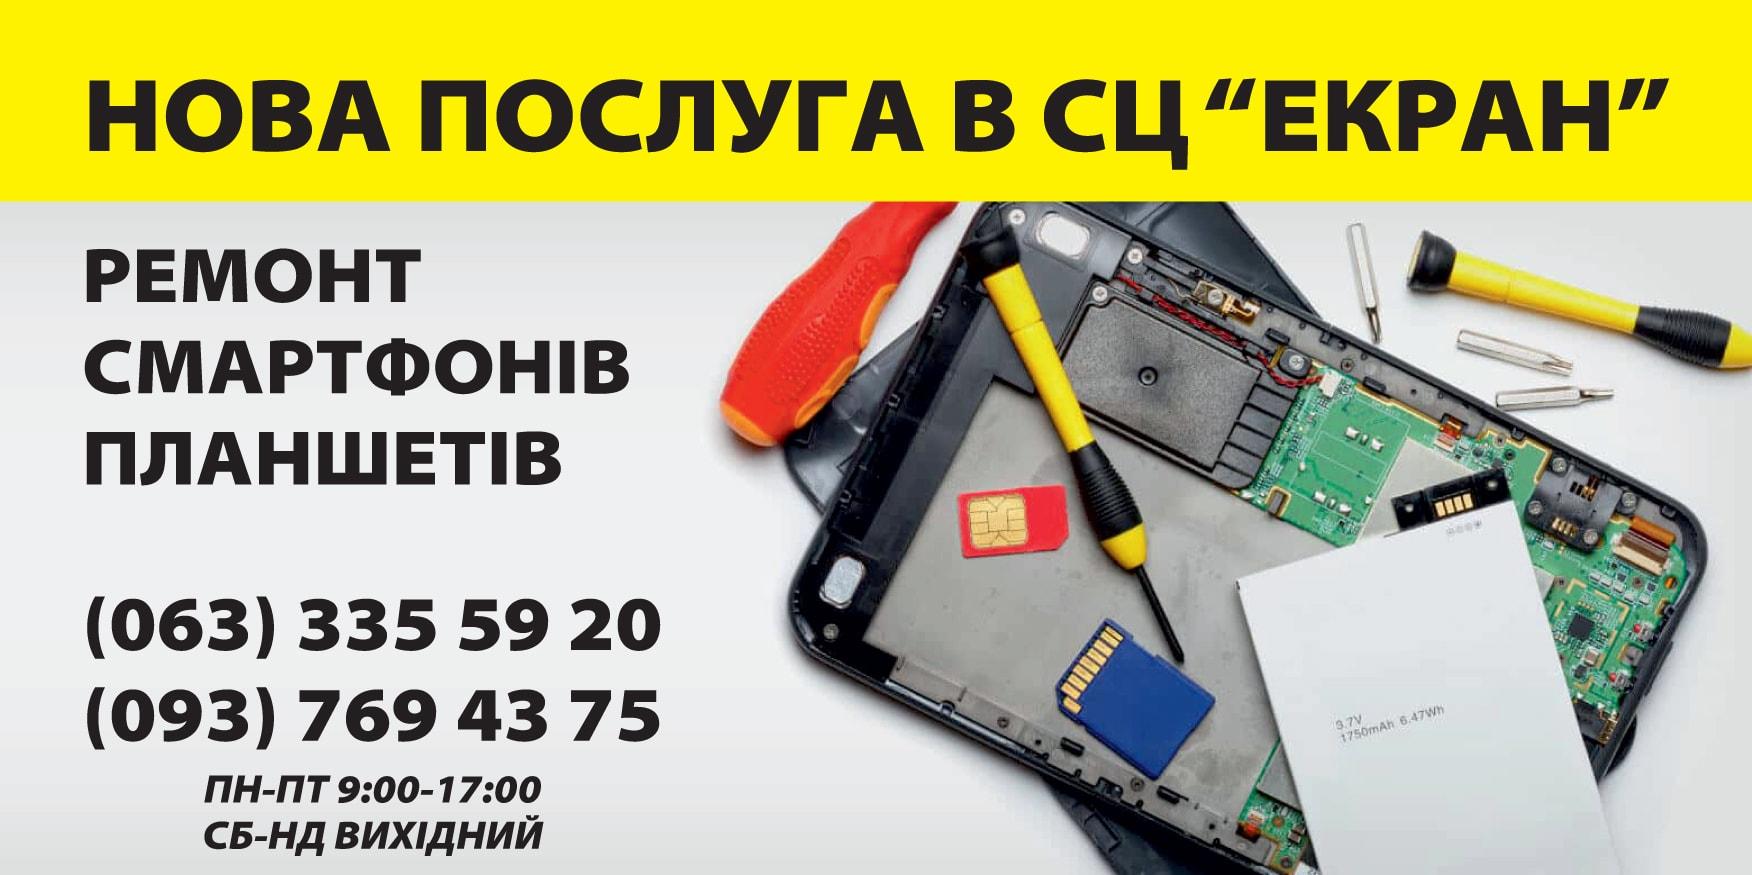 Ремонт смартфонов и планшетов